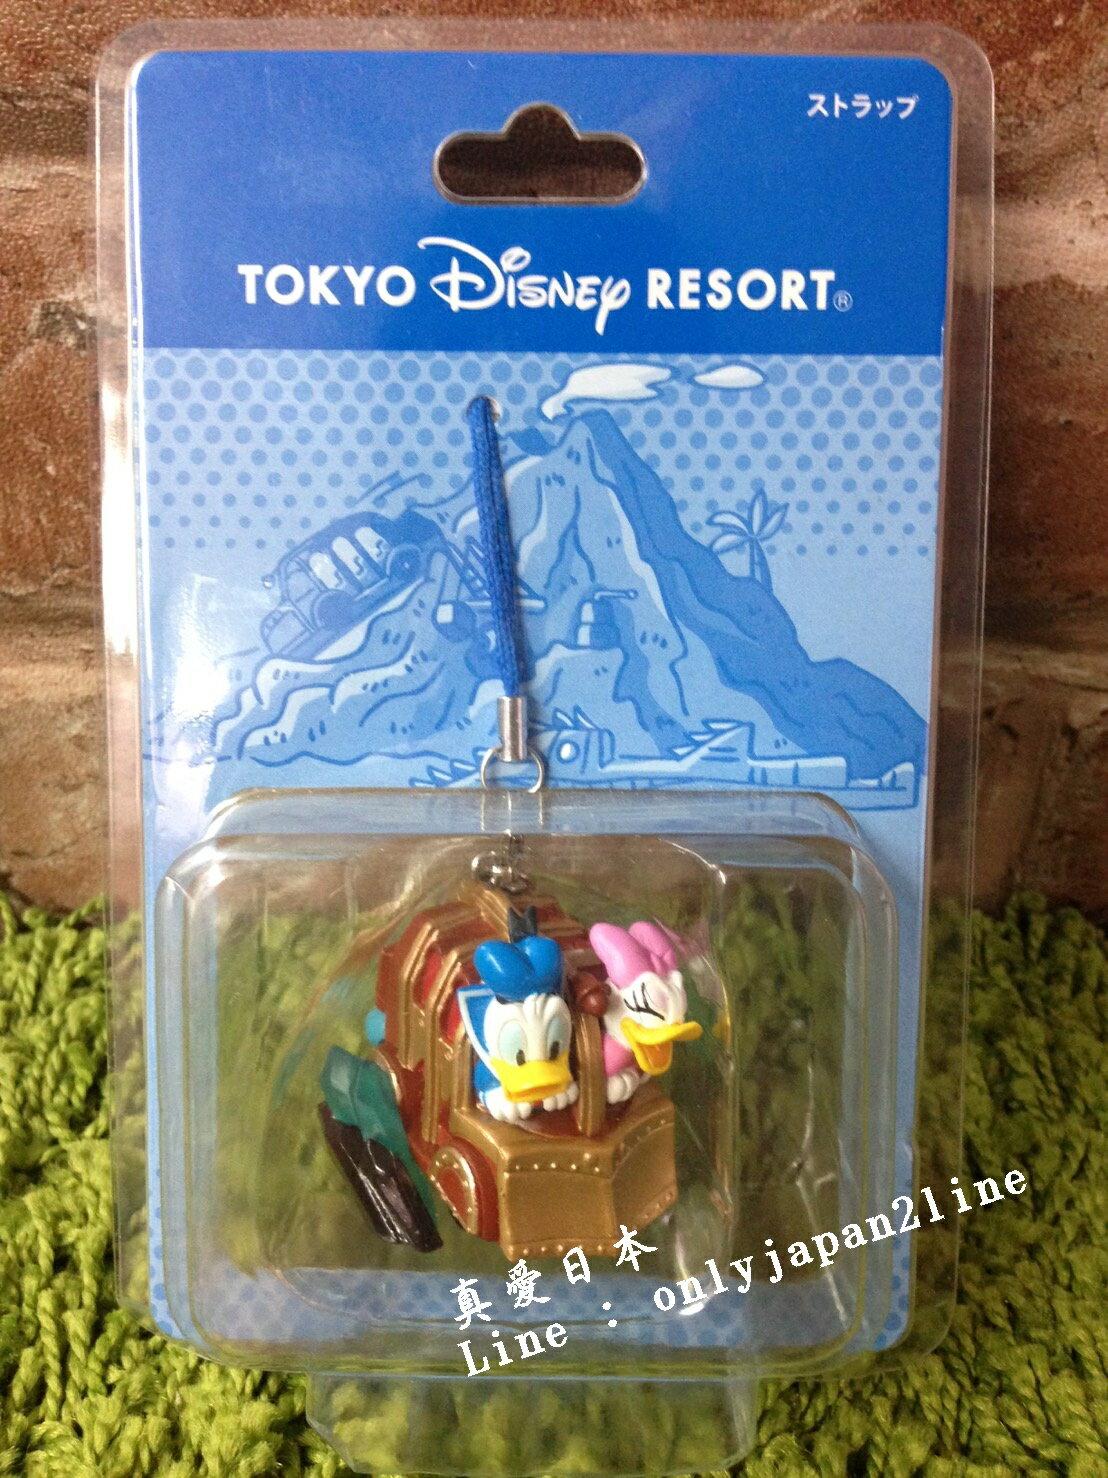 【真愛日本】16042100076 樂園遊樂場景吊飾-地底探險 迪士尼 Disney 場景 吊飾 擺飾 限量